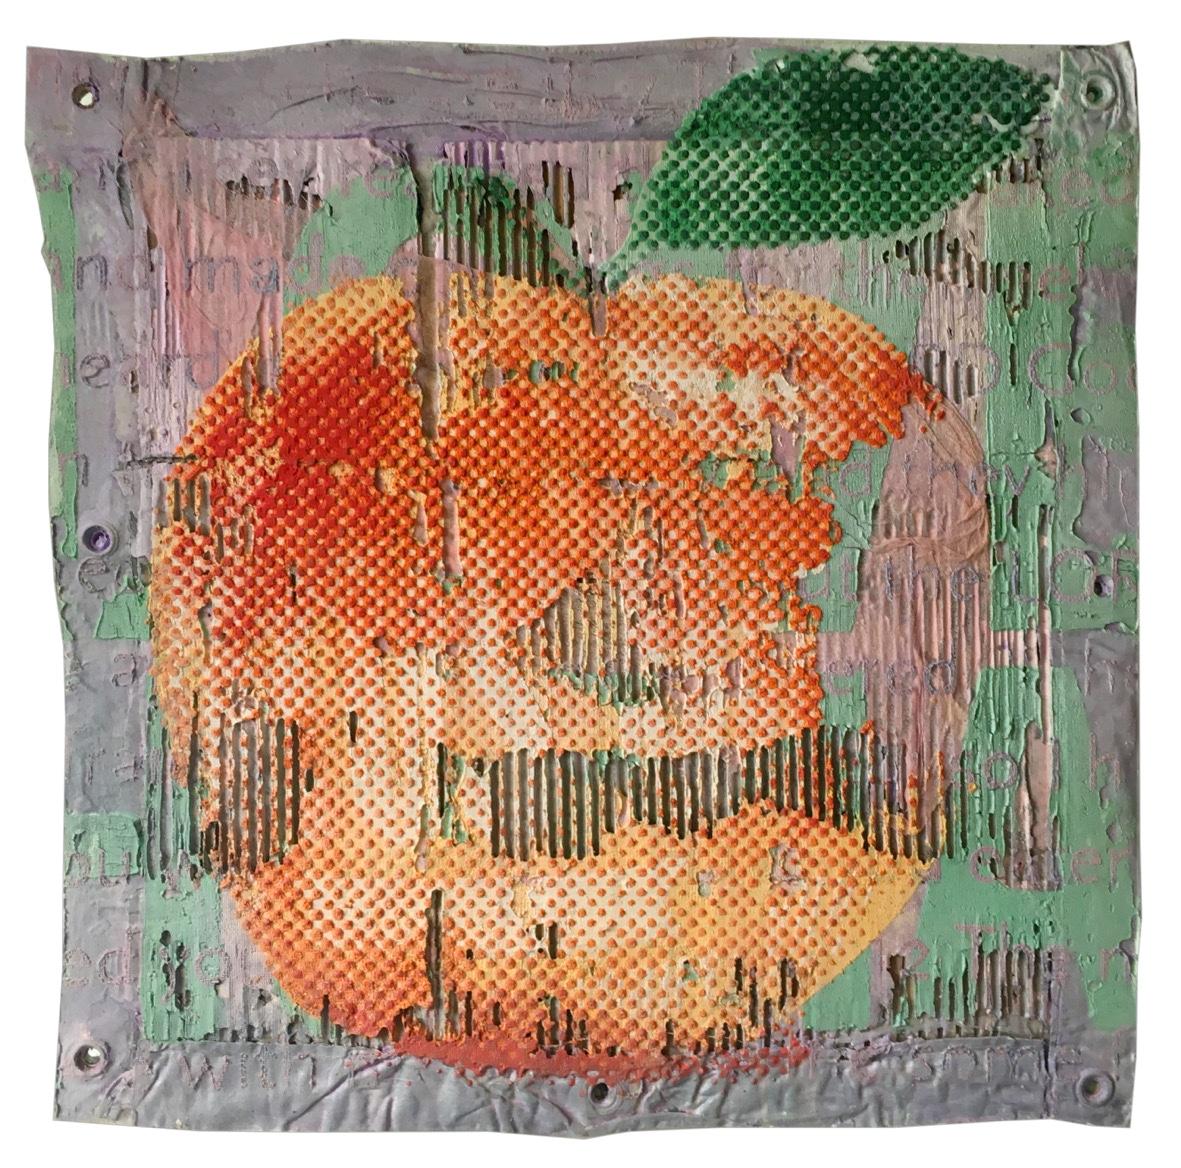 The orange forbidden fruit – apple   2019, 50x50cm